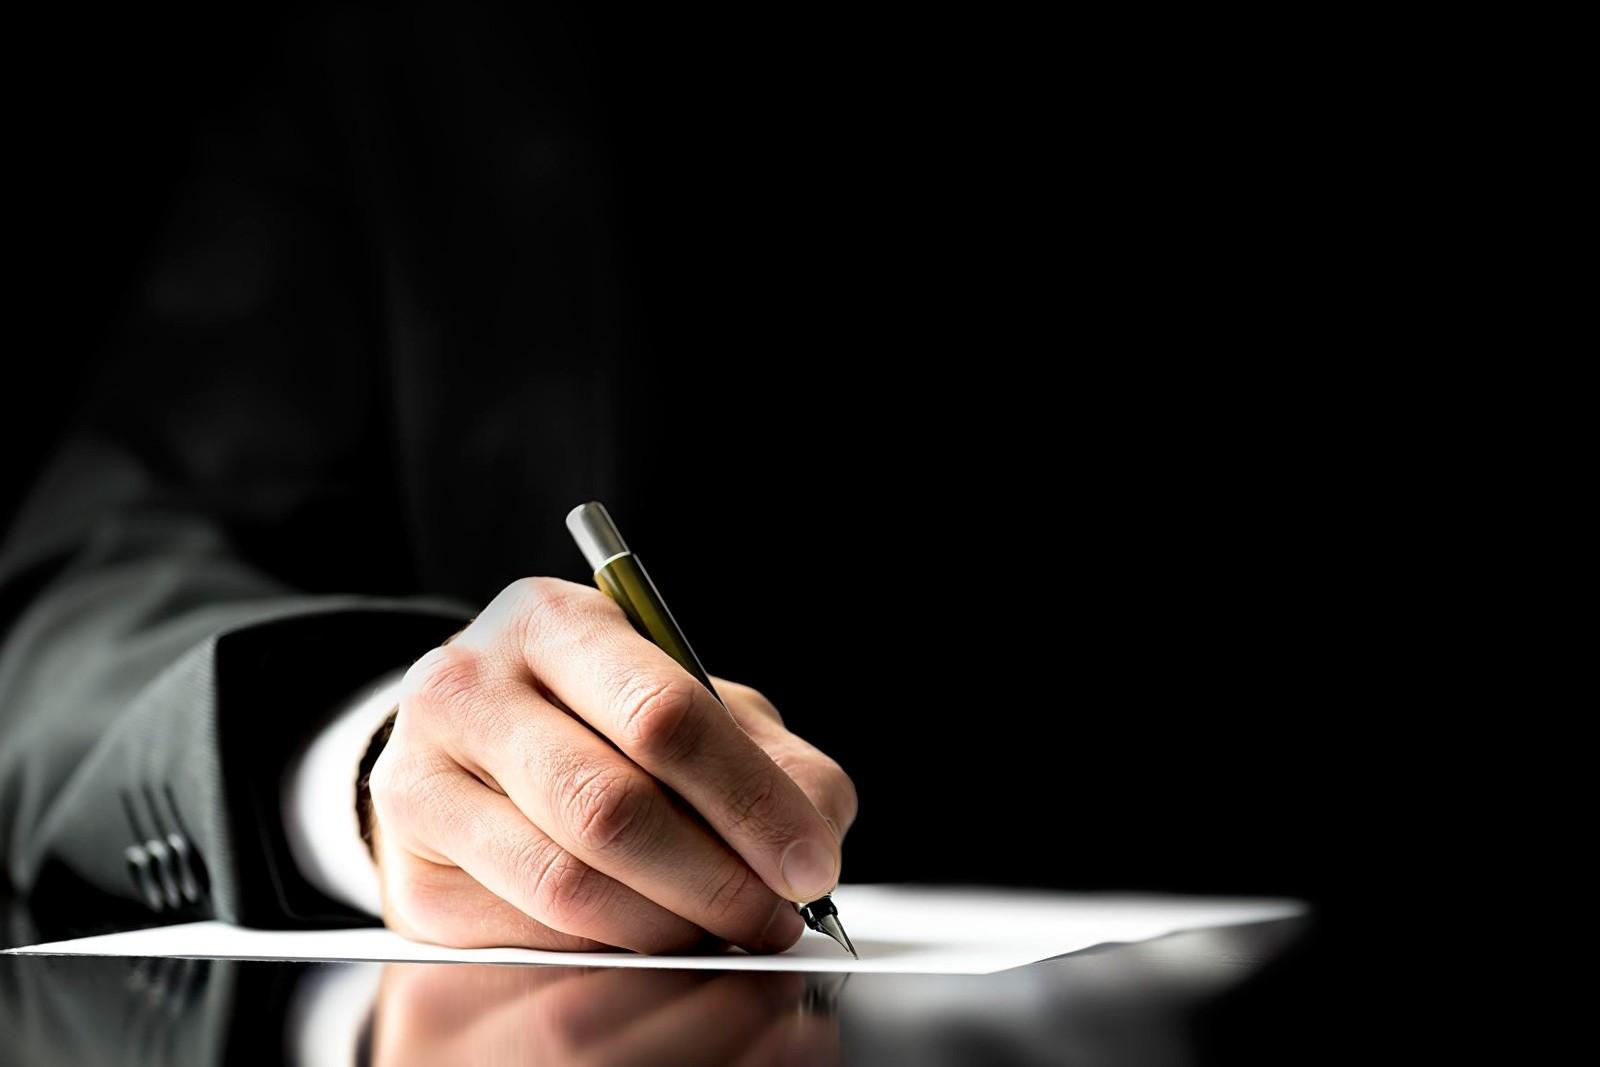 Открыть документ и писать